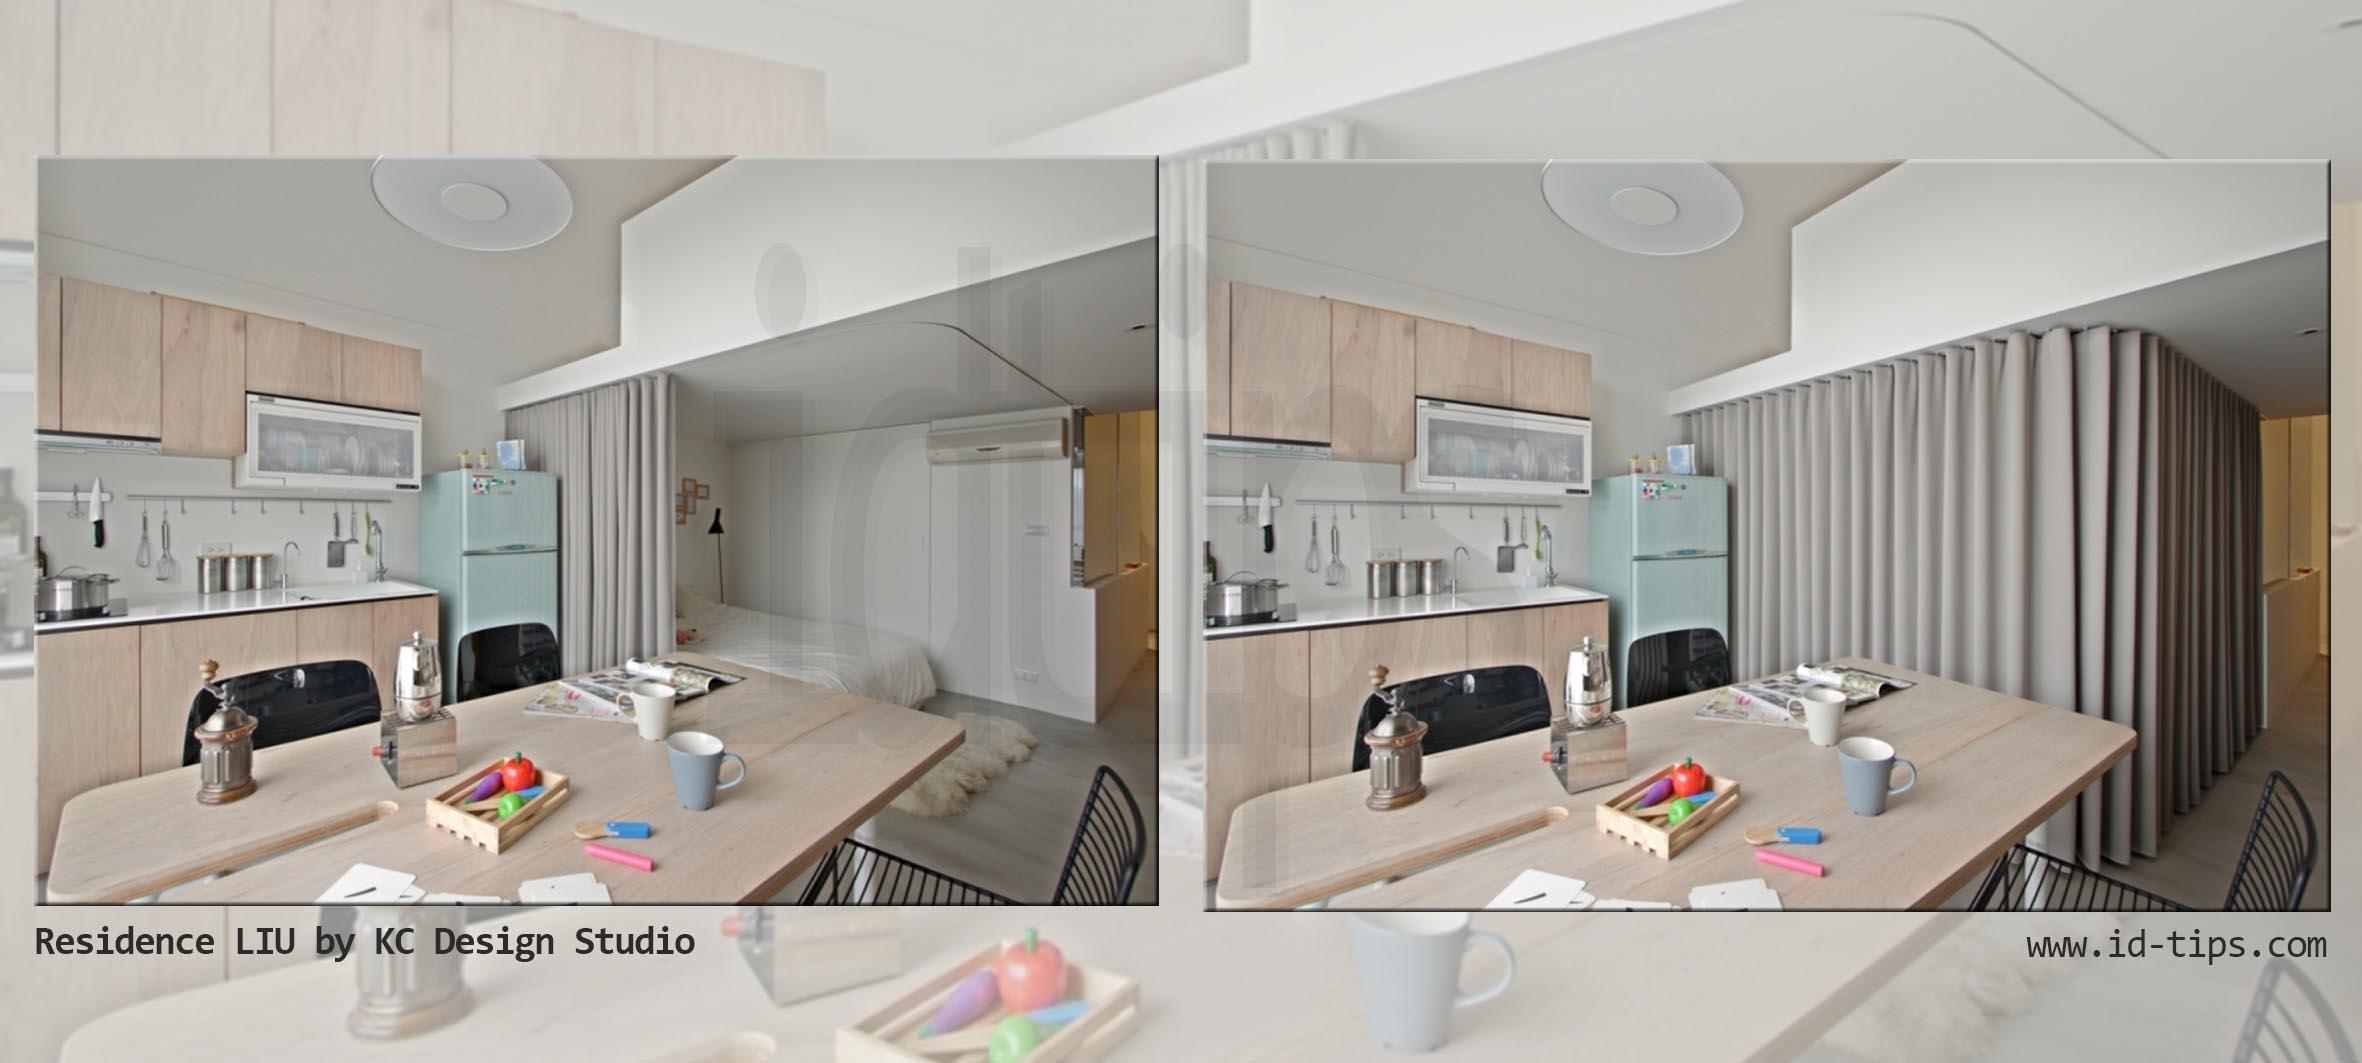 Separare con le tende id tips interior design tips blog for Piani di un appartamento con una camera da letto